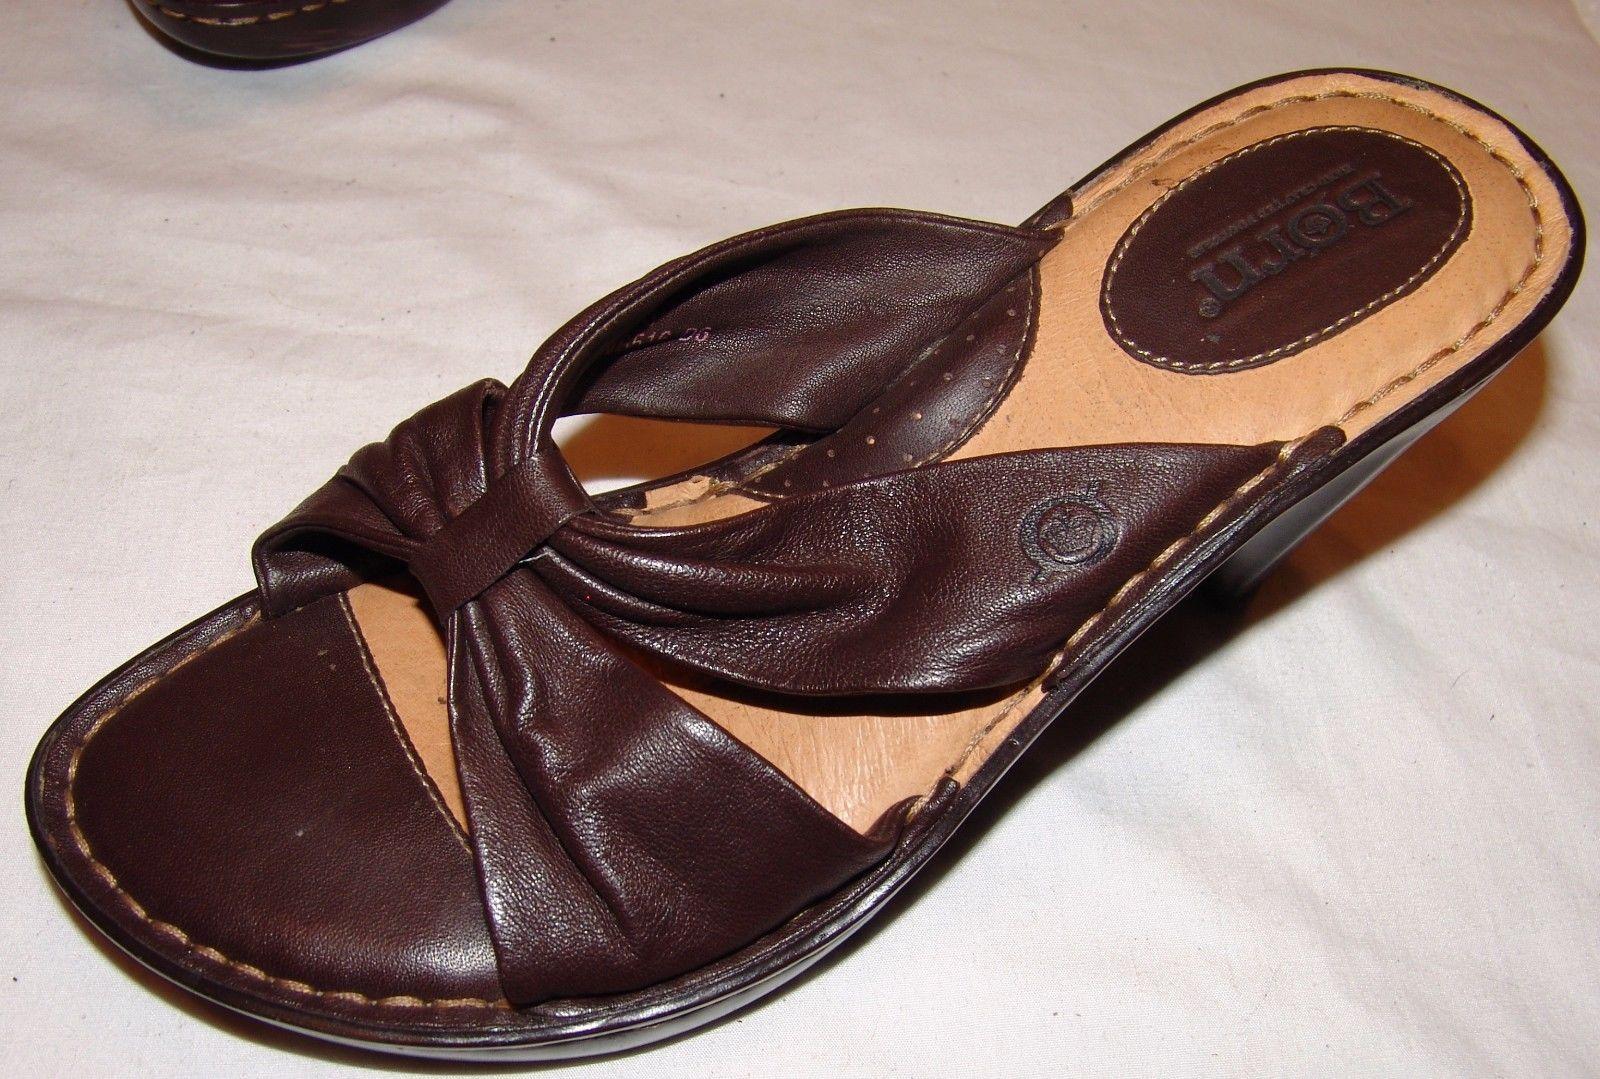 Born Cuero Marrón Tacones 7 Mujer sin Cordones Sandalias Peep-Toe